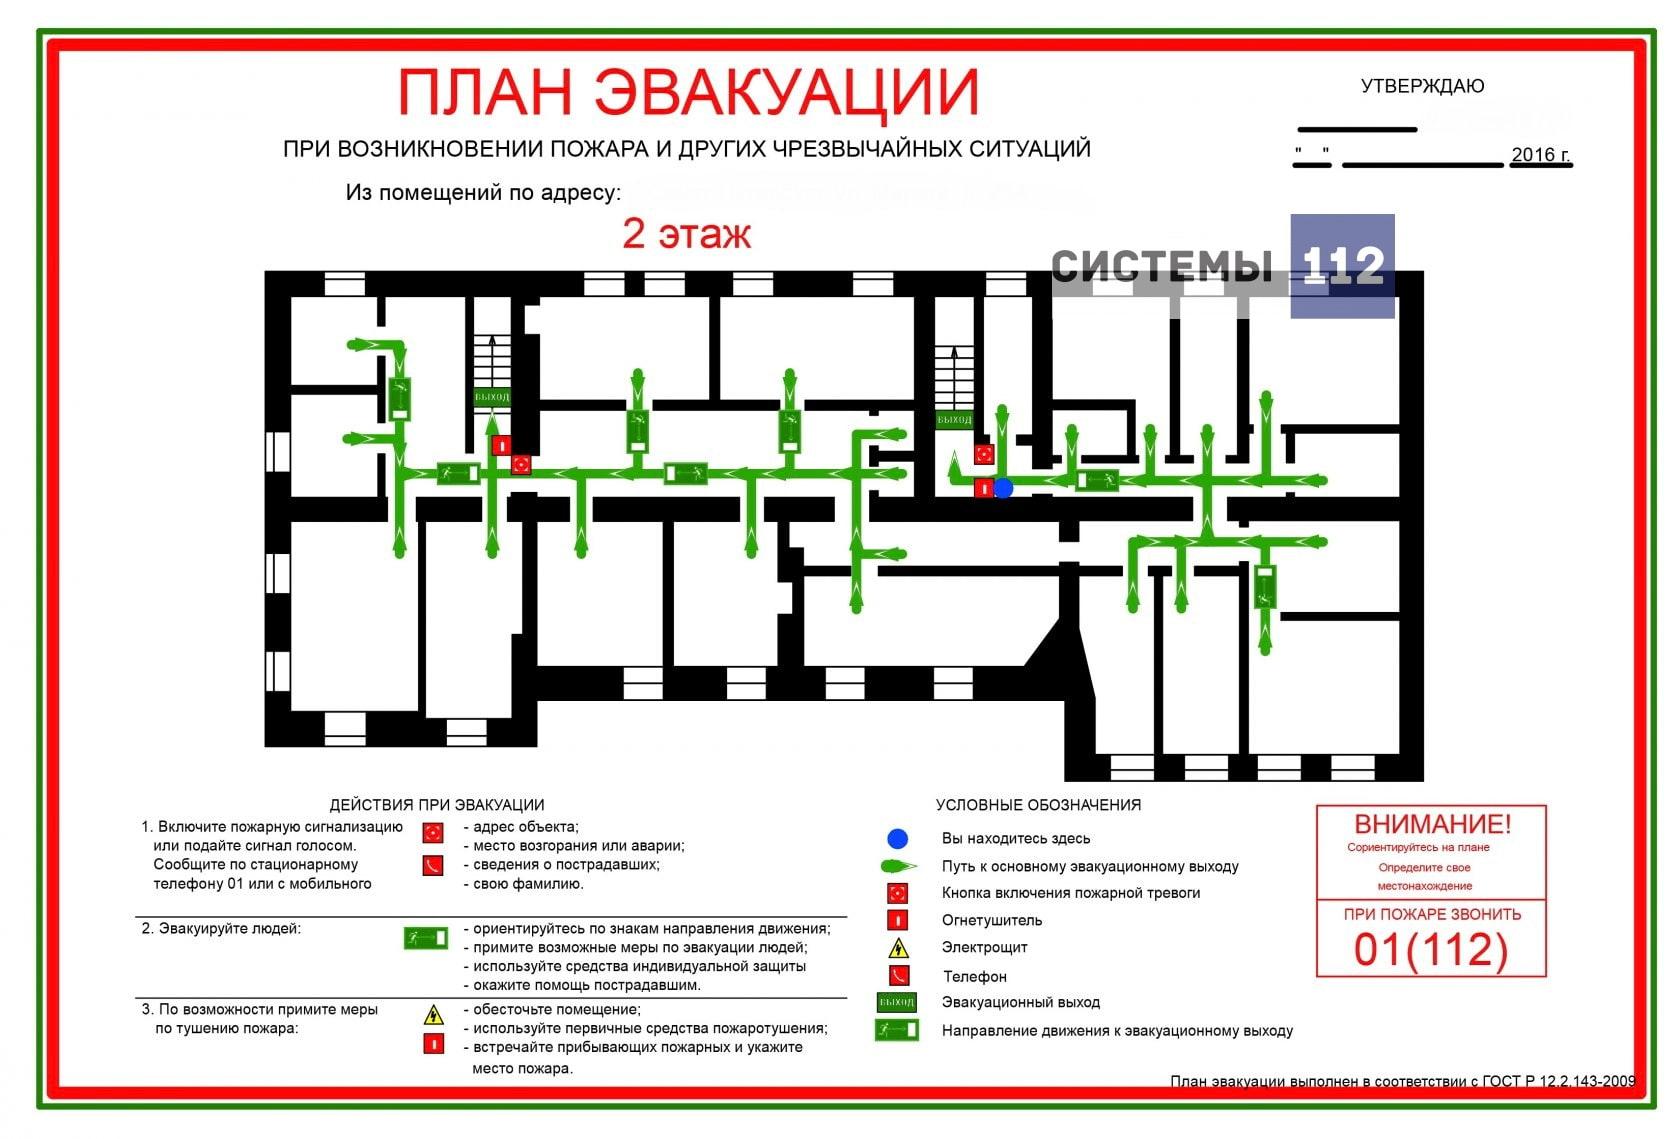 ключ для план эвакуации 10